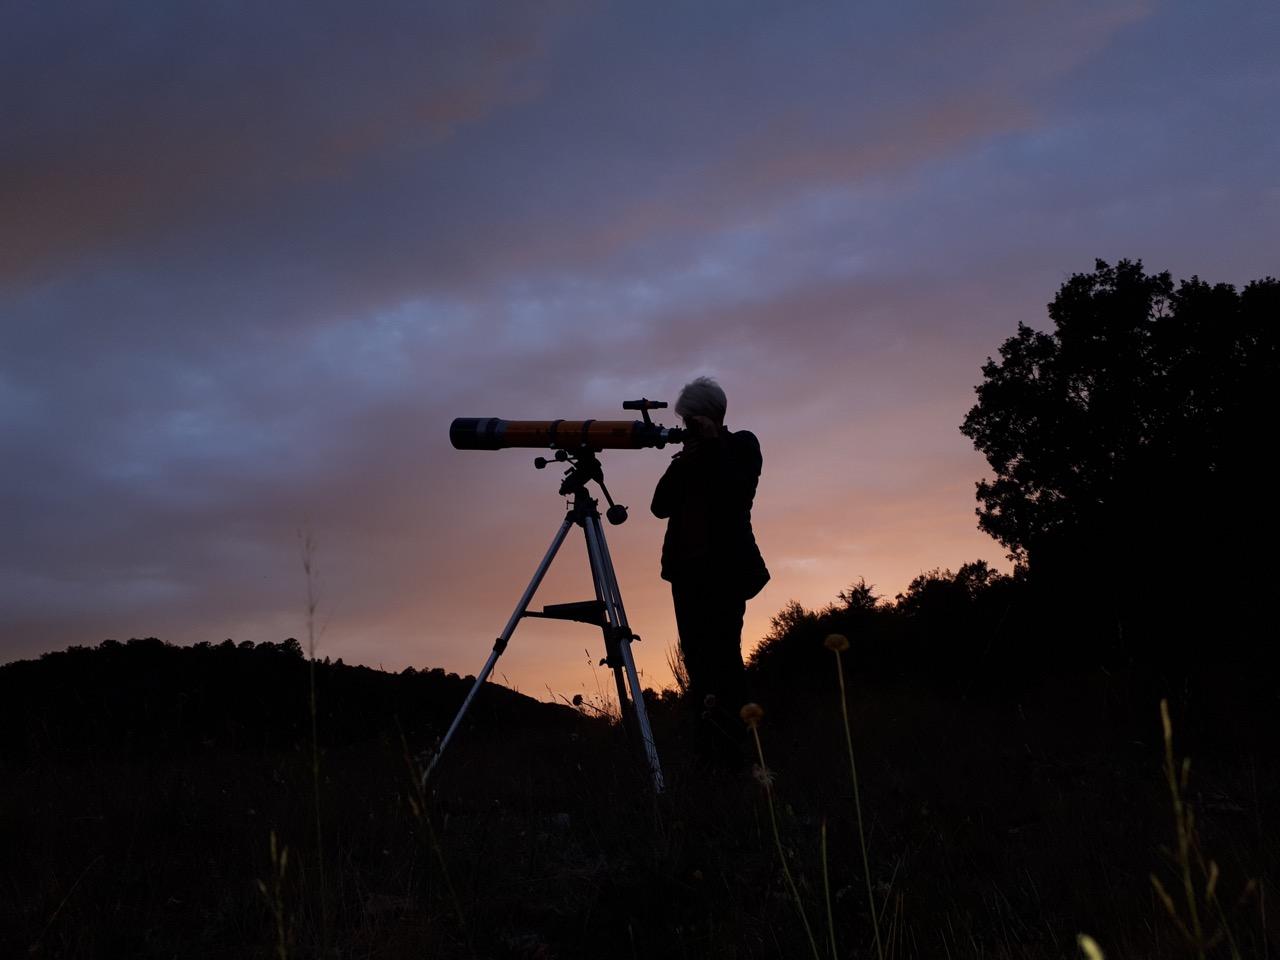 cielo de verano perseidas - fundacion cerezales - fcayc - 2020